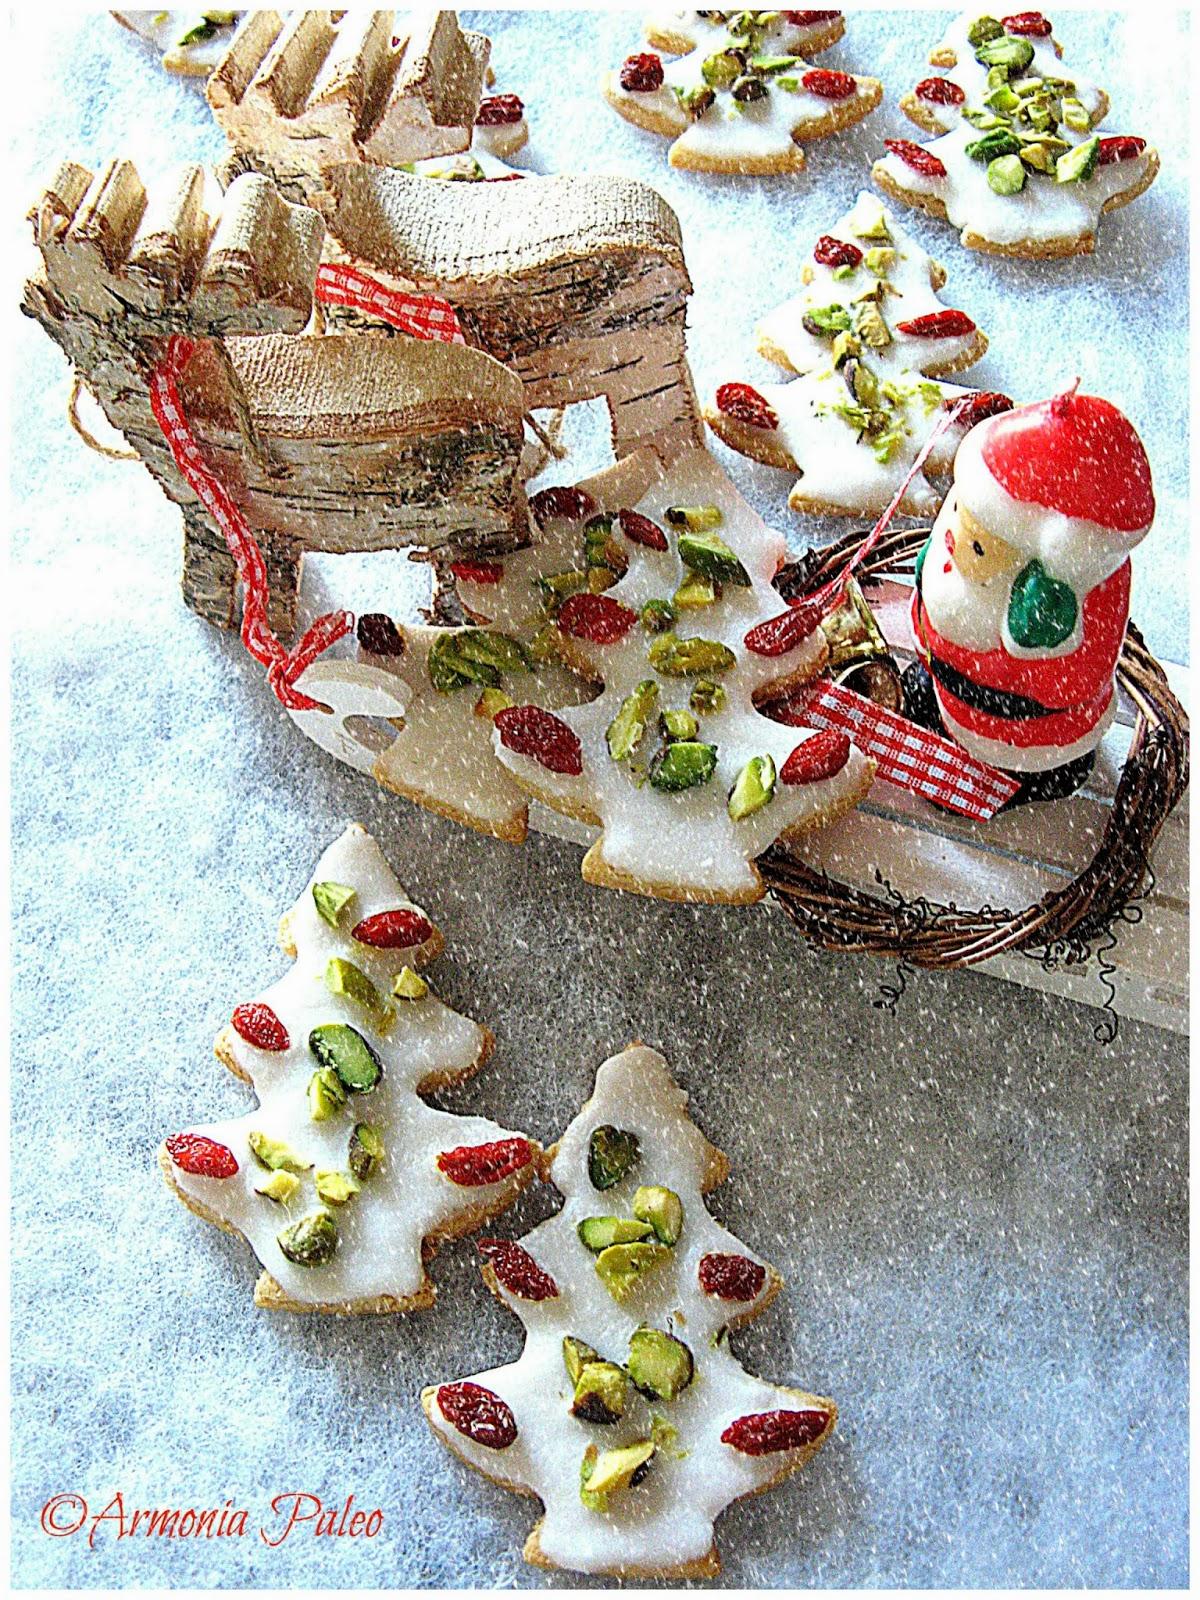 Alberelli di Natale di Armonia Paleo